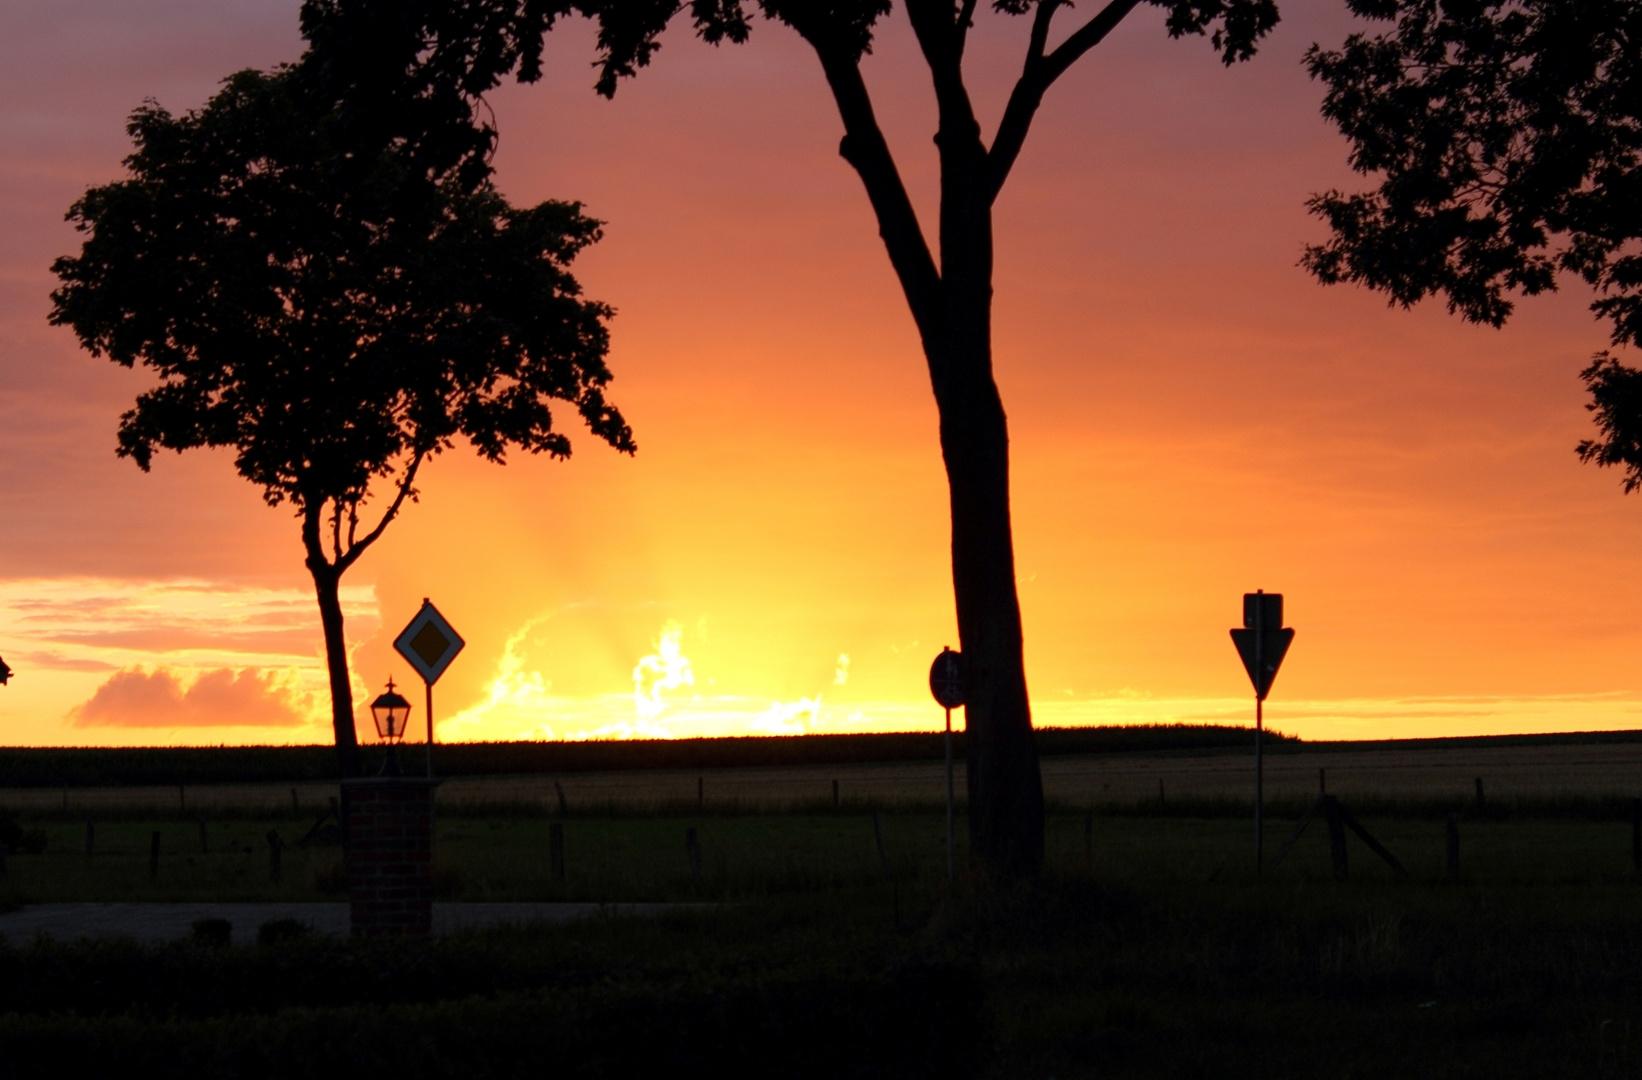 Sonnenuntergang in Wankum